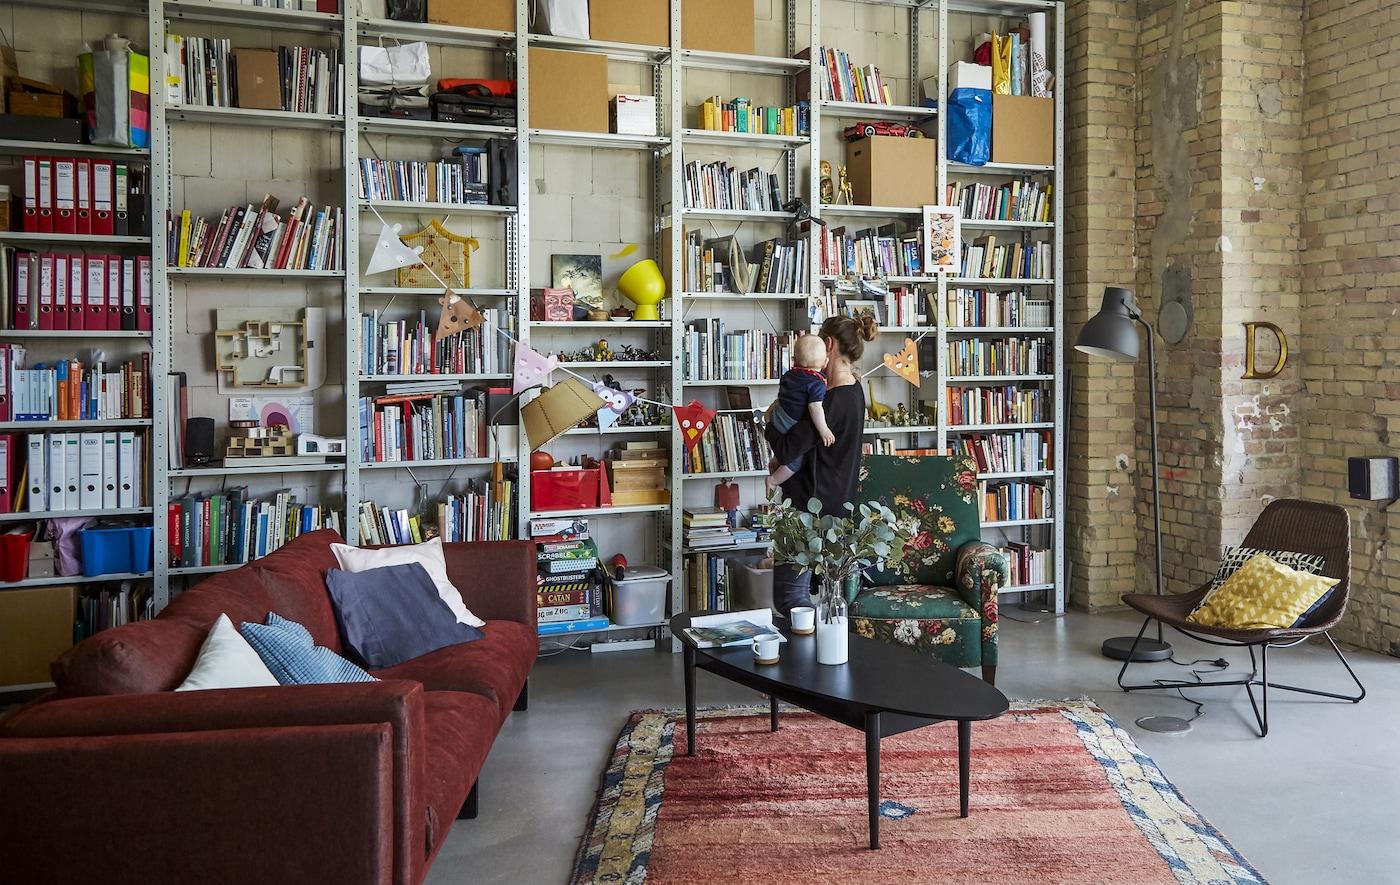 客厅里摆放着一张红色沙发,墙上装着搁板。